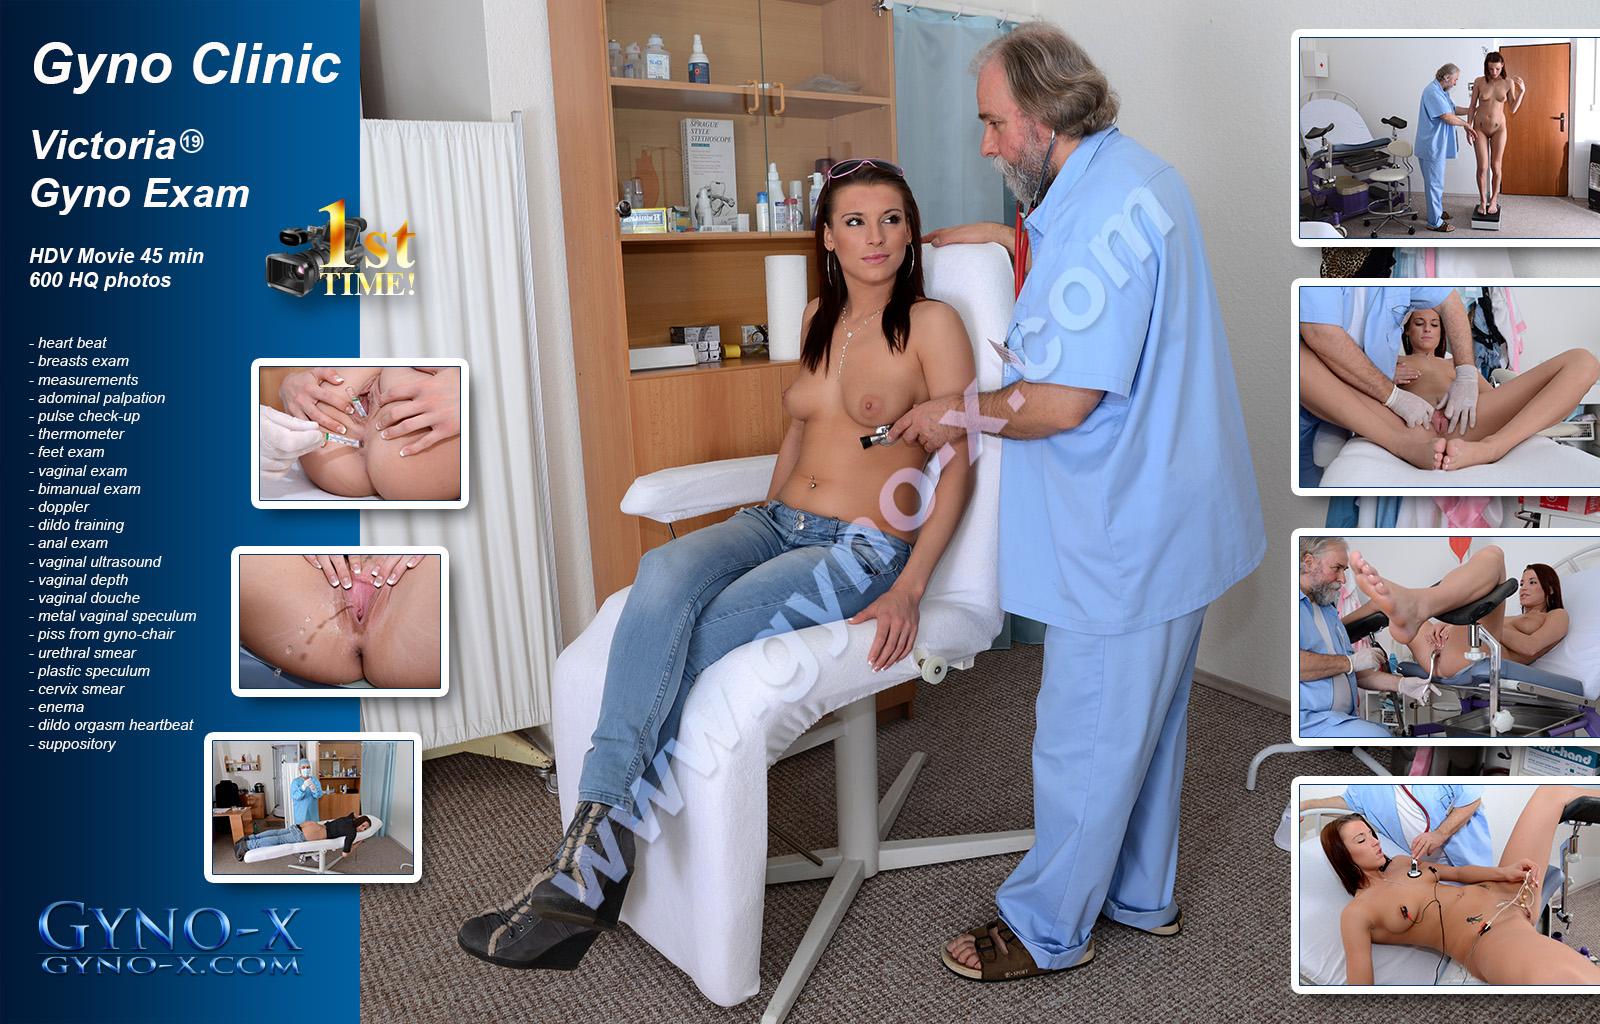 Смотреть онлайн gyno clinic 4 фотография